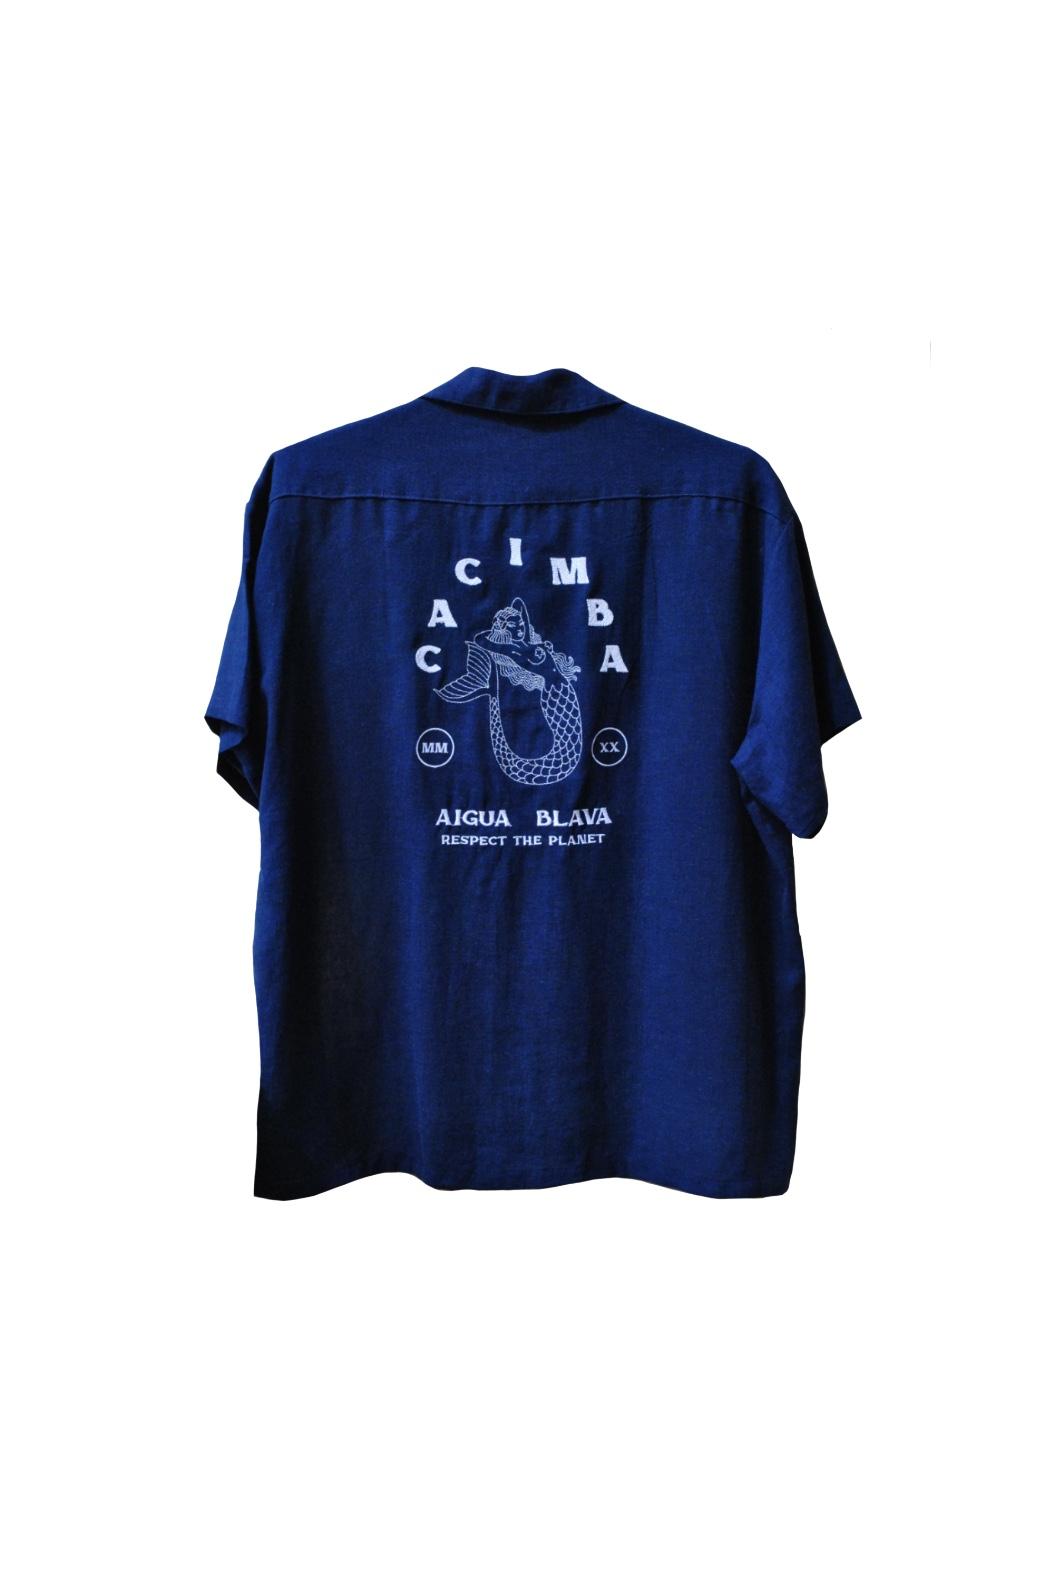 Camisa Cacimba - Sereia Azul - 100% Linho